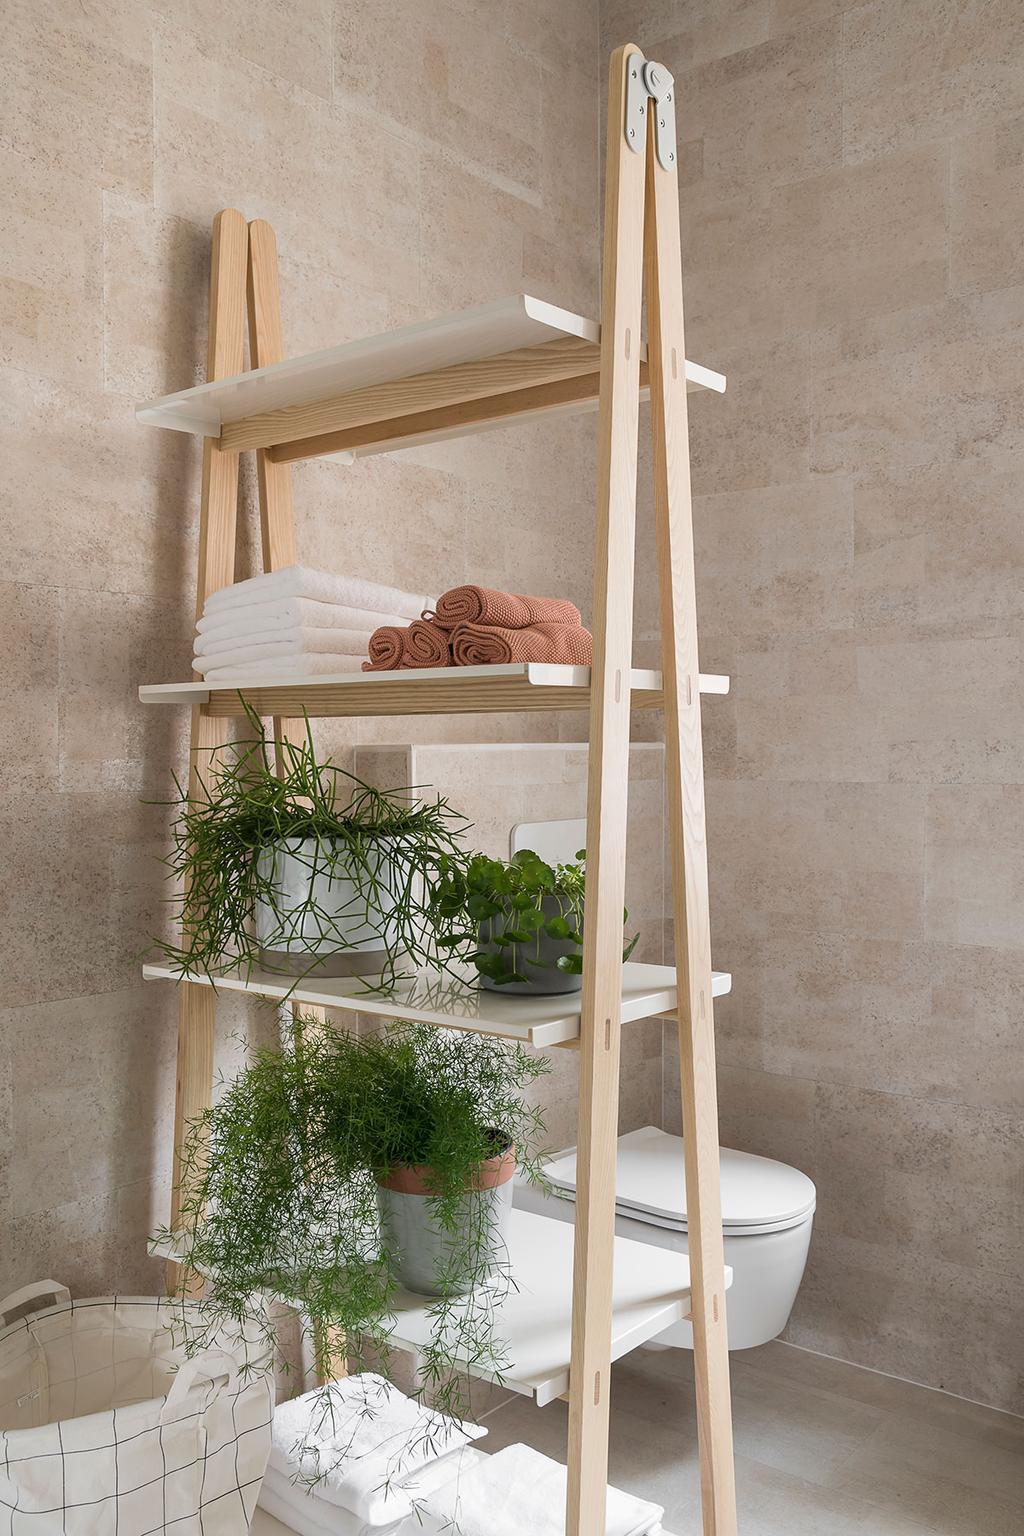 Roomdivider met planten van Van Uytsel uit het tweede seizoen van 'Een frisse start met vtwonen'.